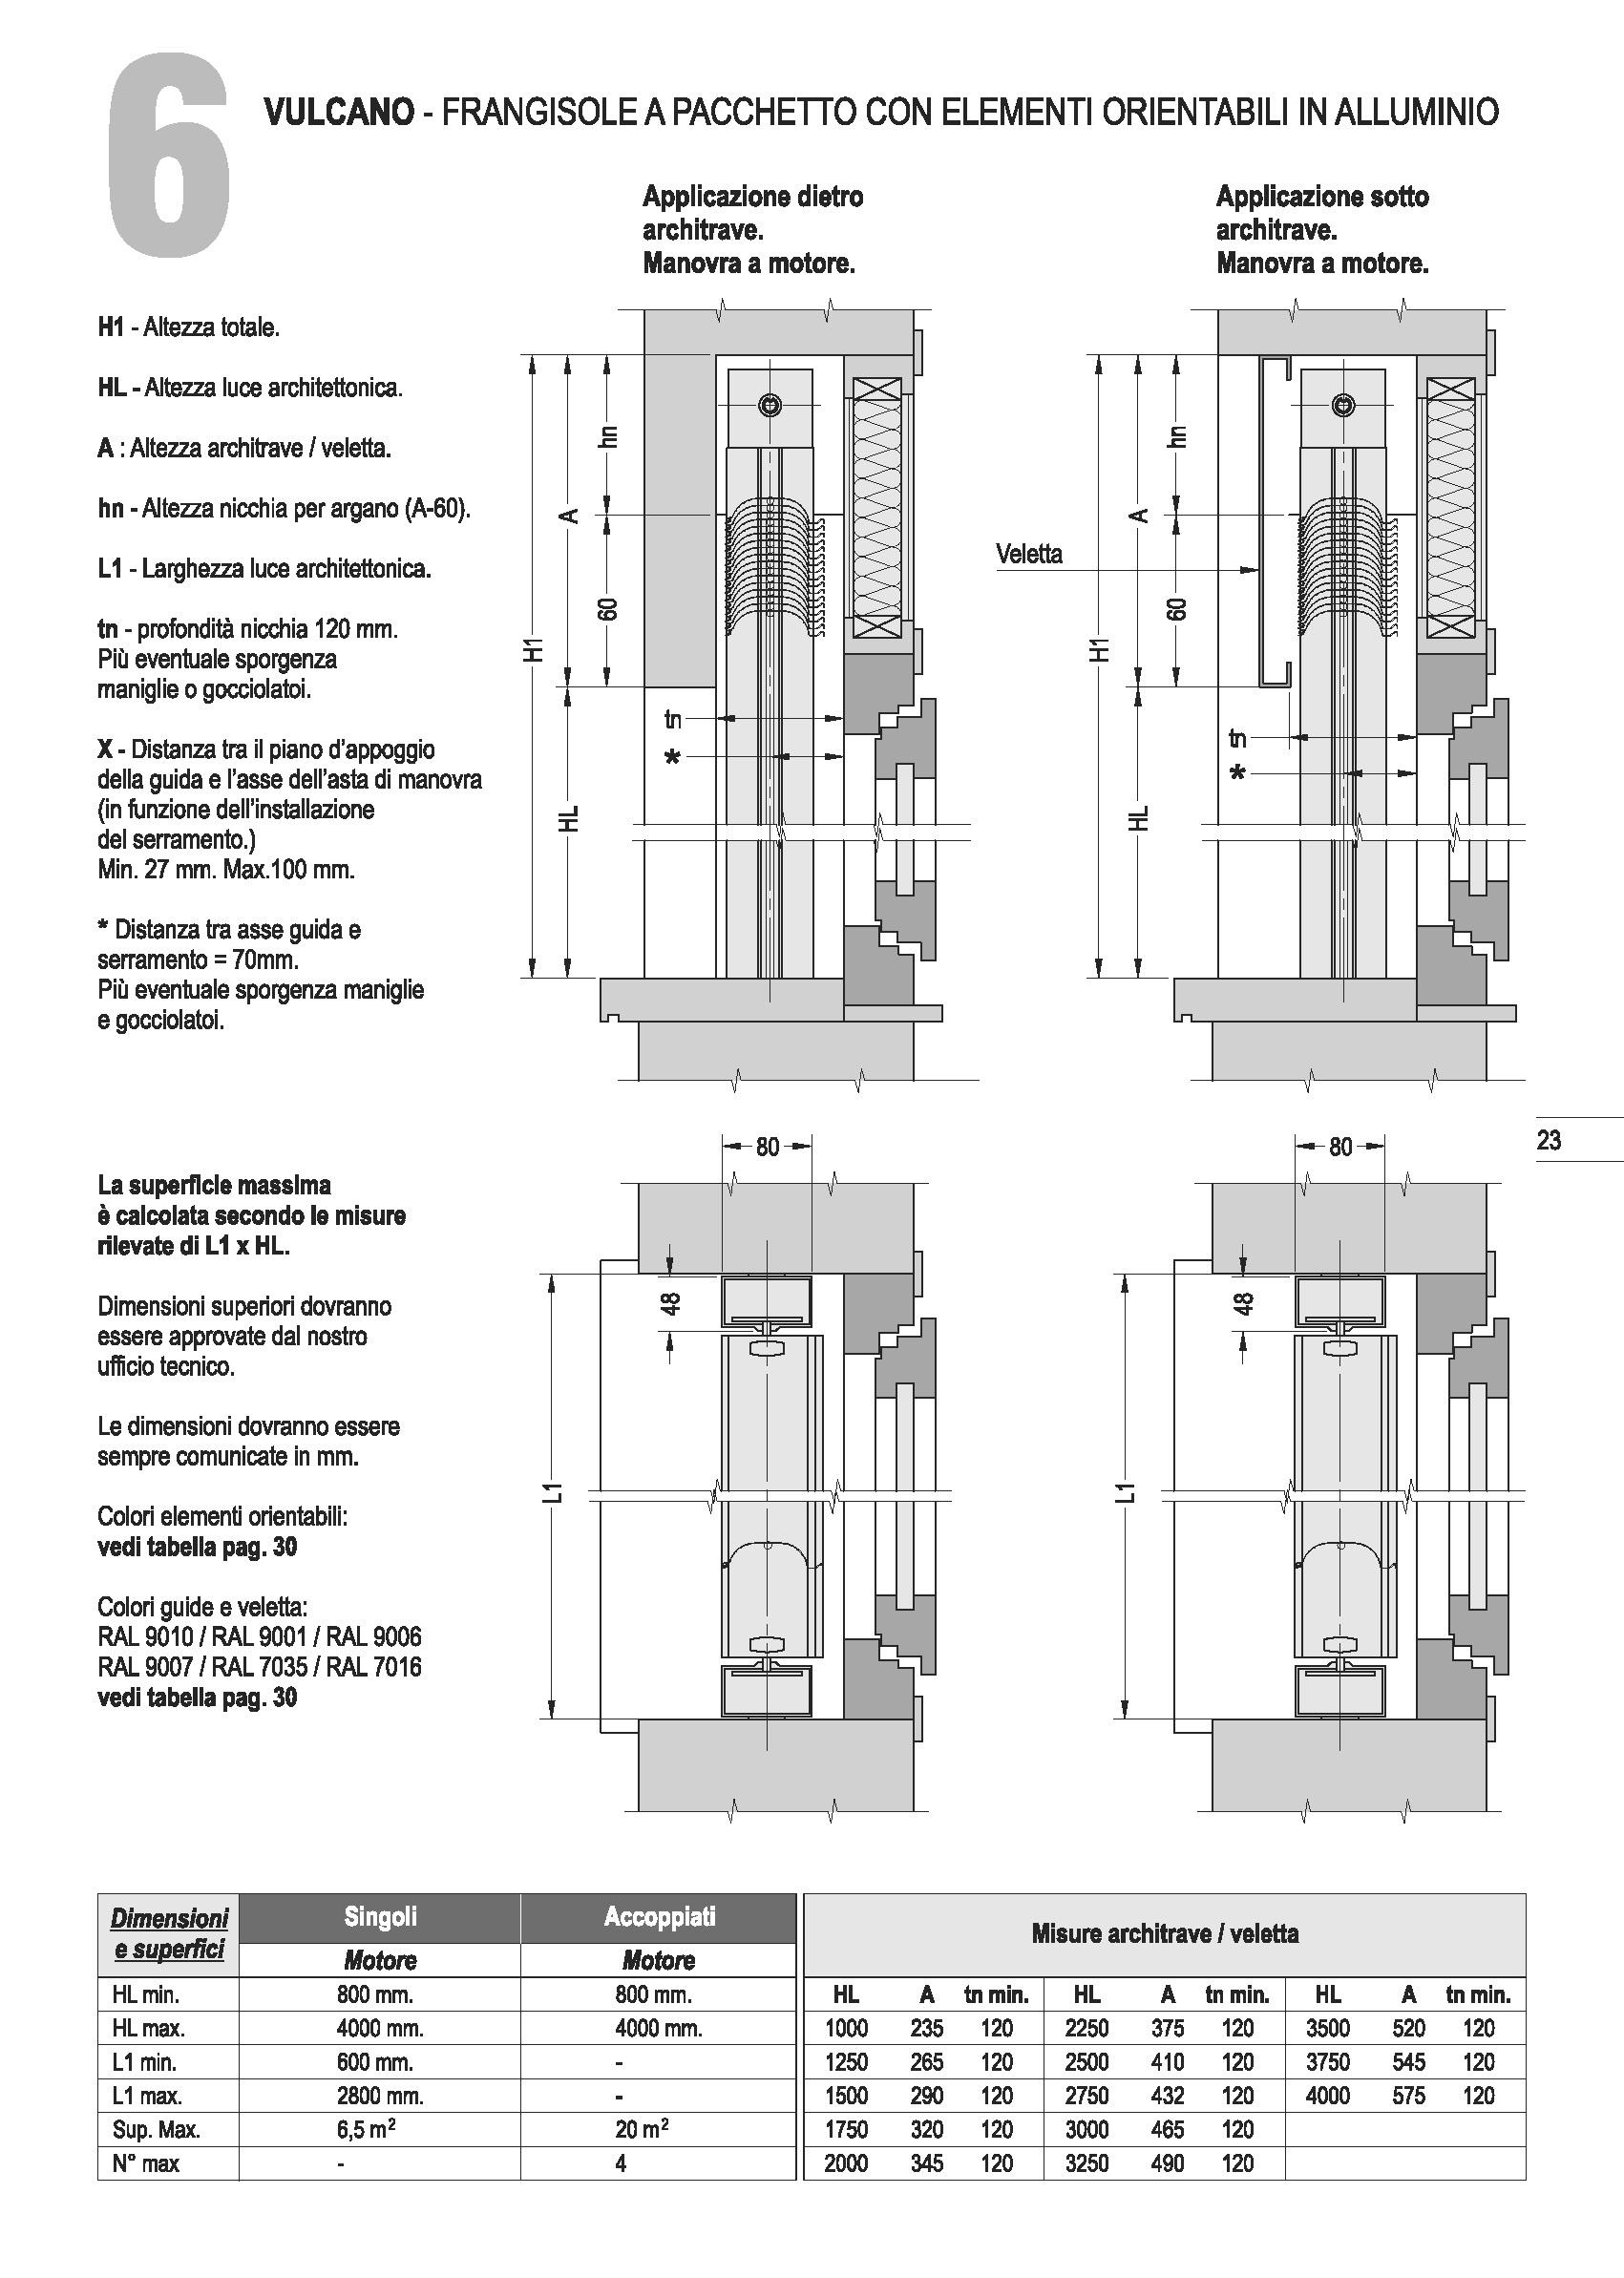 CATALOGO EXTRA_Pagina_23.jpg